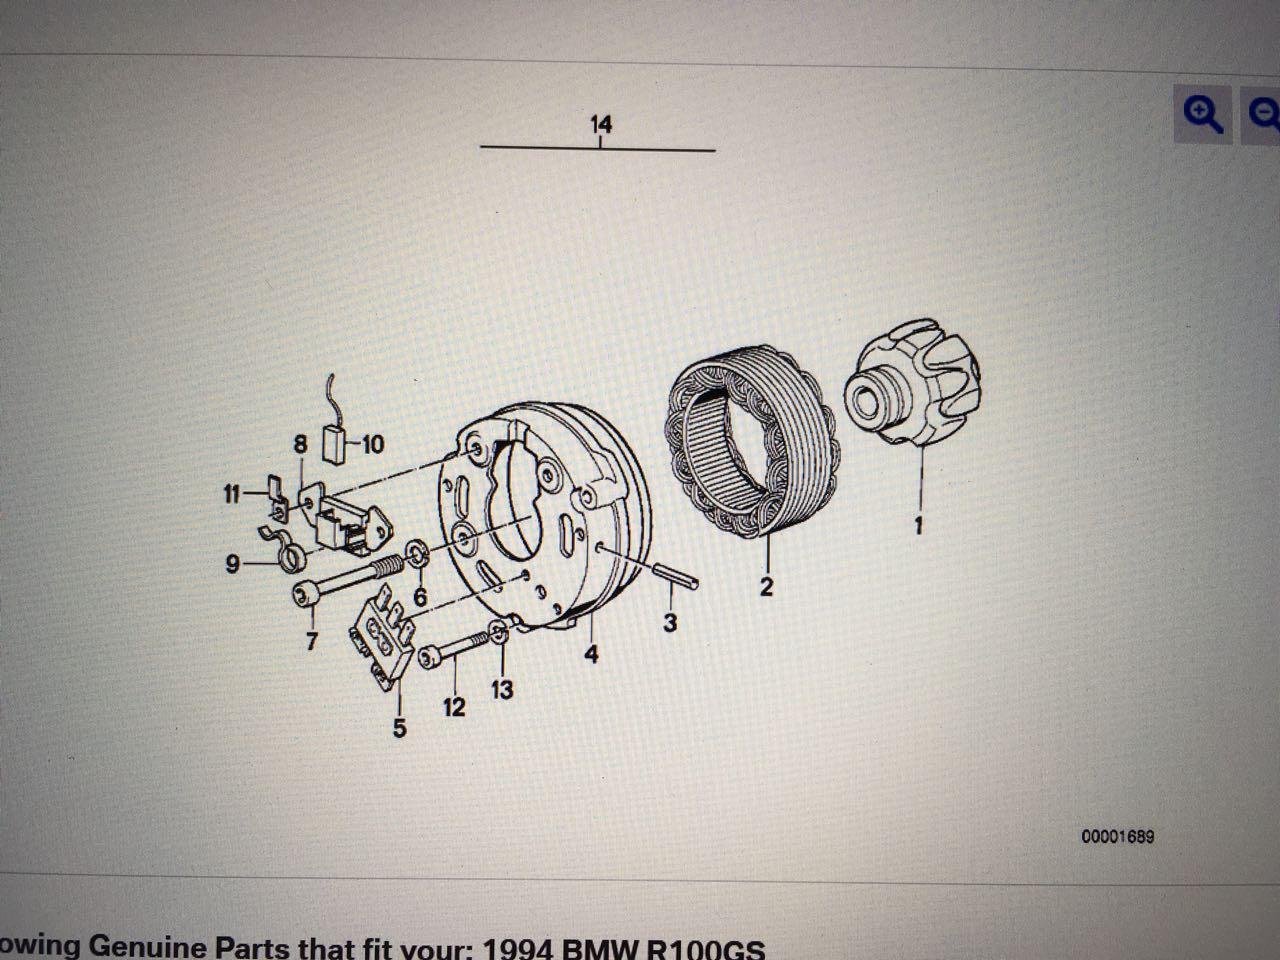 BMW parts list - alternator